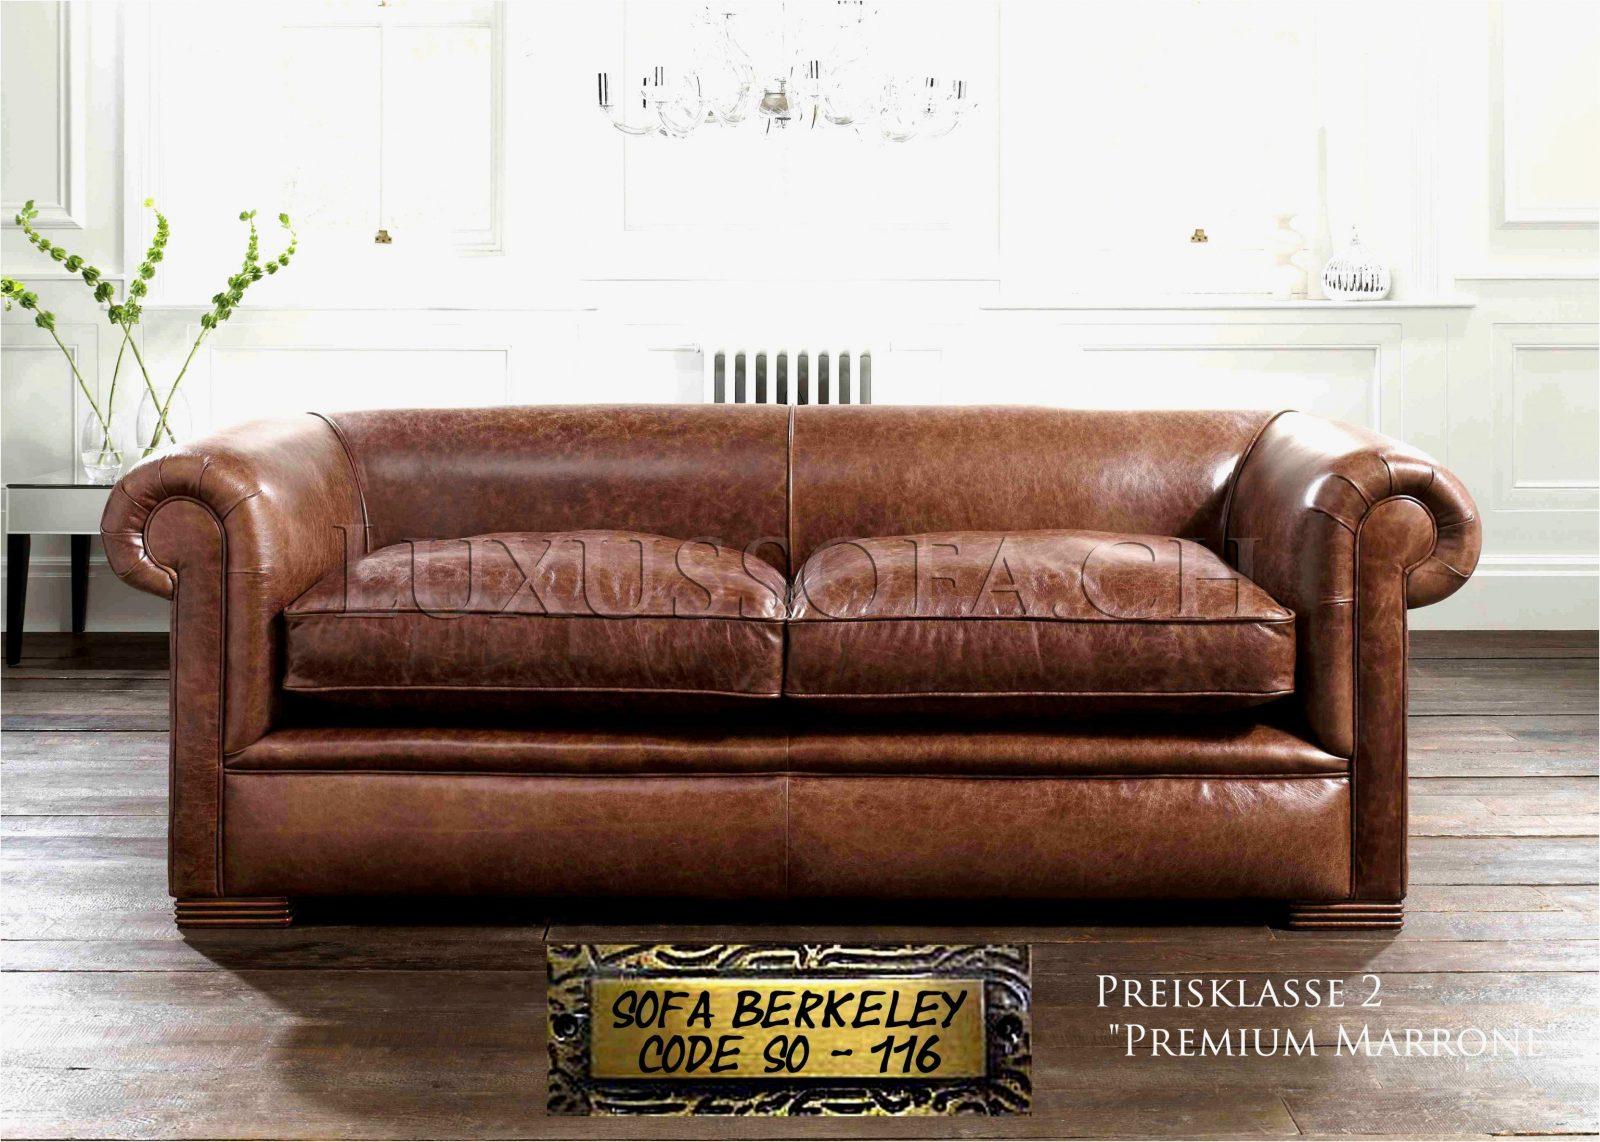 Erstaunlich Chesterfield Sofa Günstig Kaufen Gunstig Inspirierend von Chesterfield Sofa Günstig Kaufen Bild